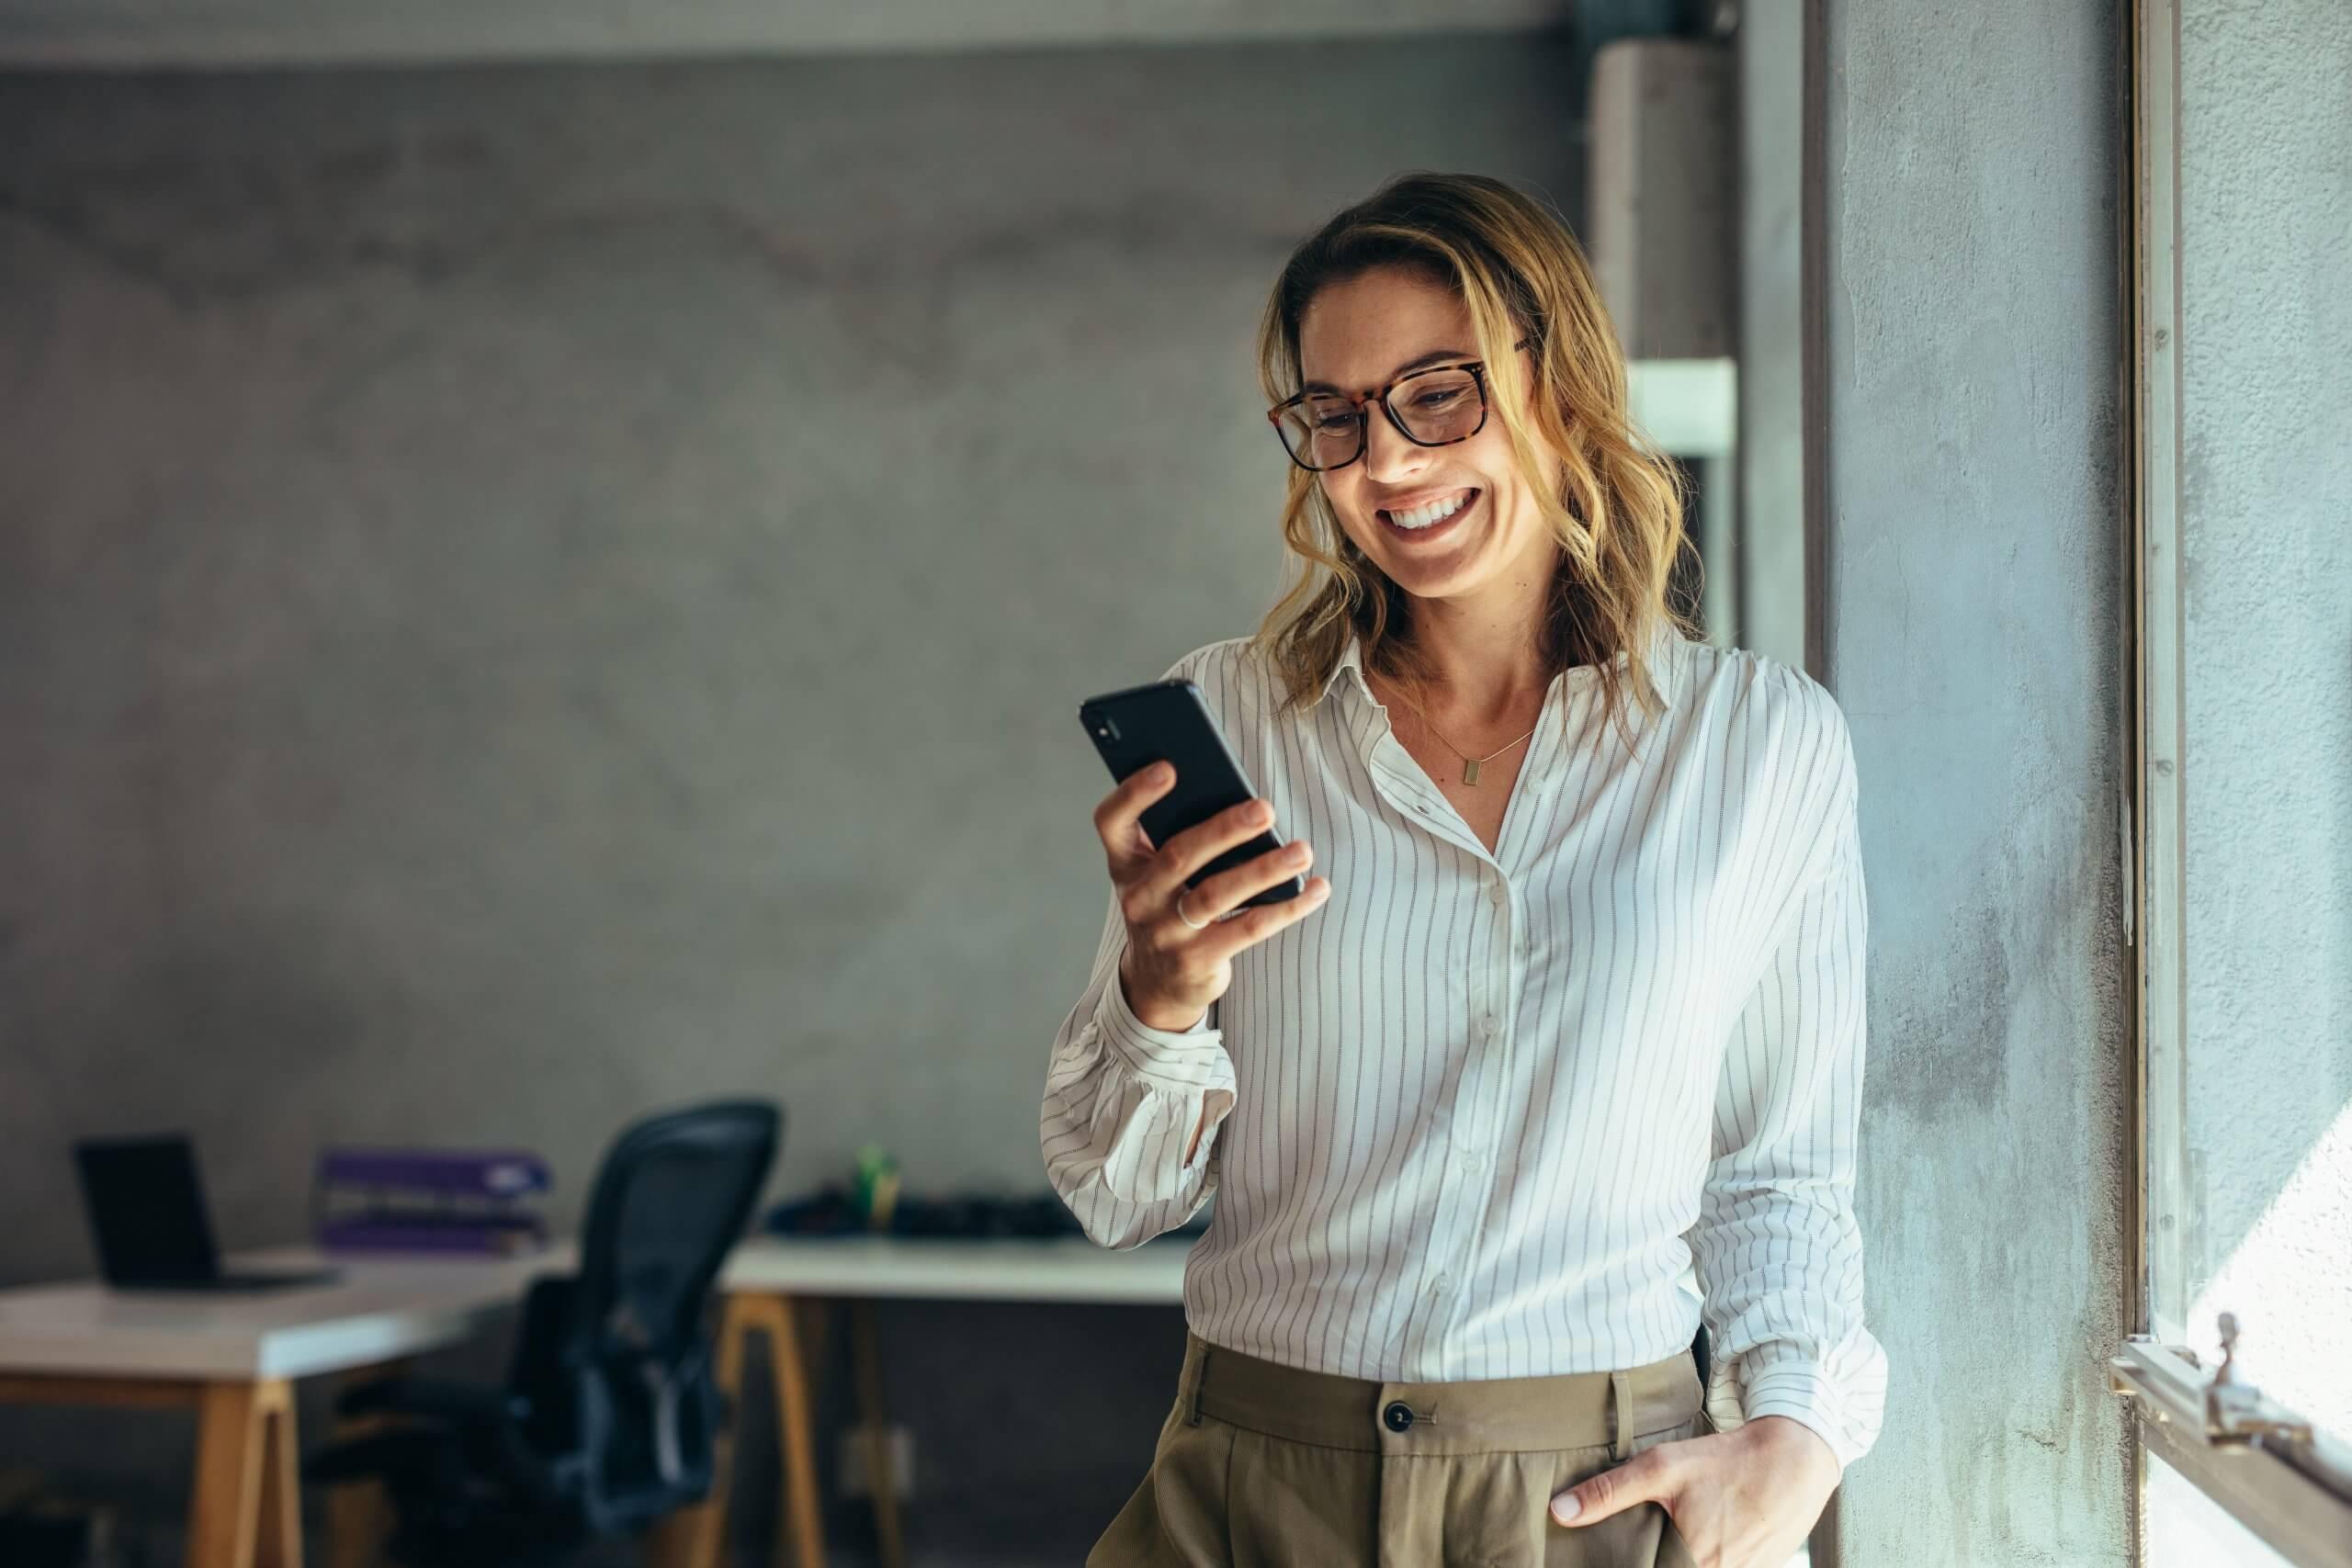 Der Alltag von Gründerinnen, c: Shutterstock